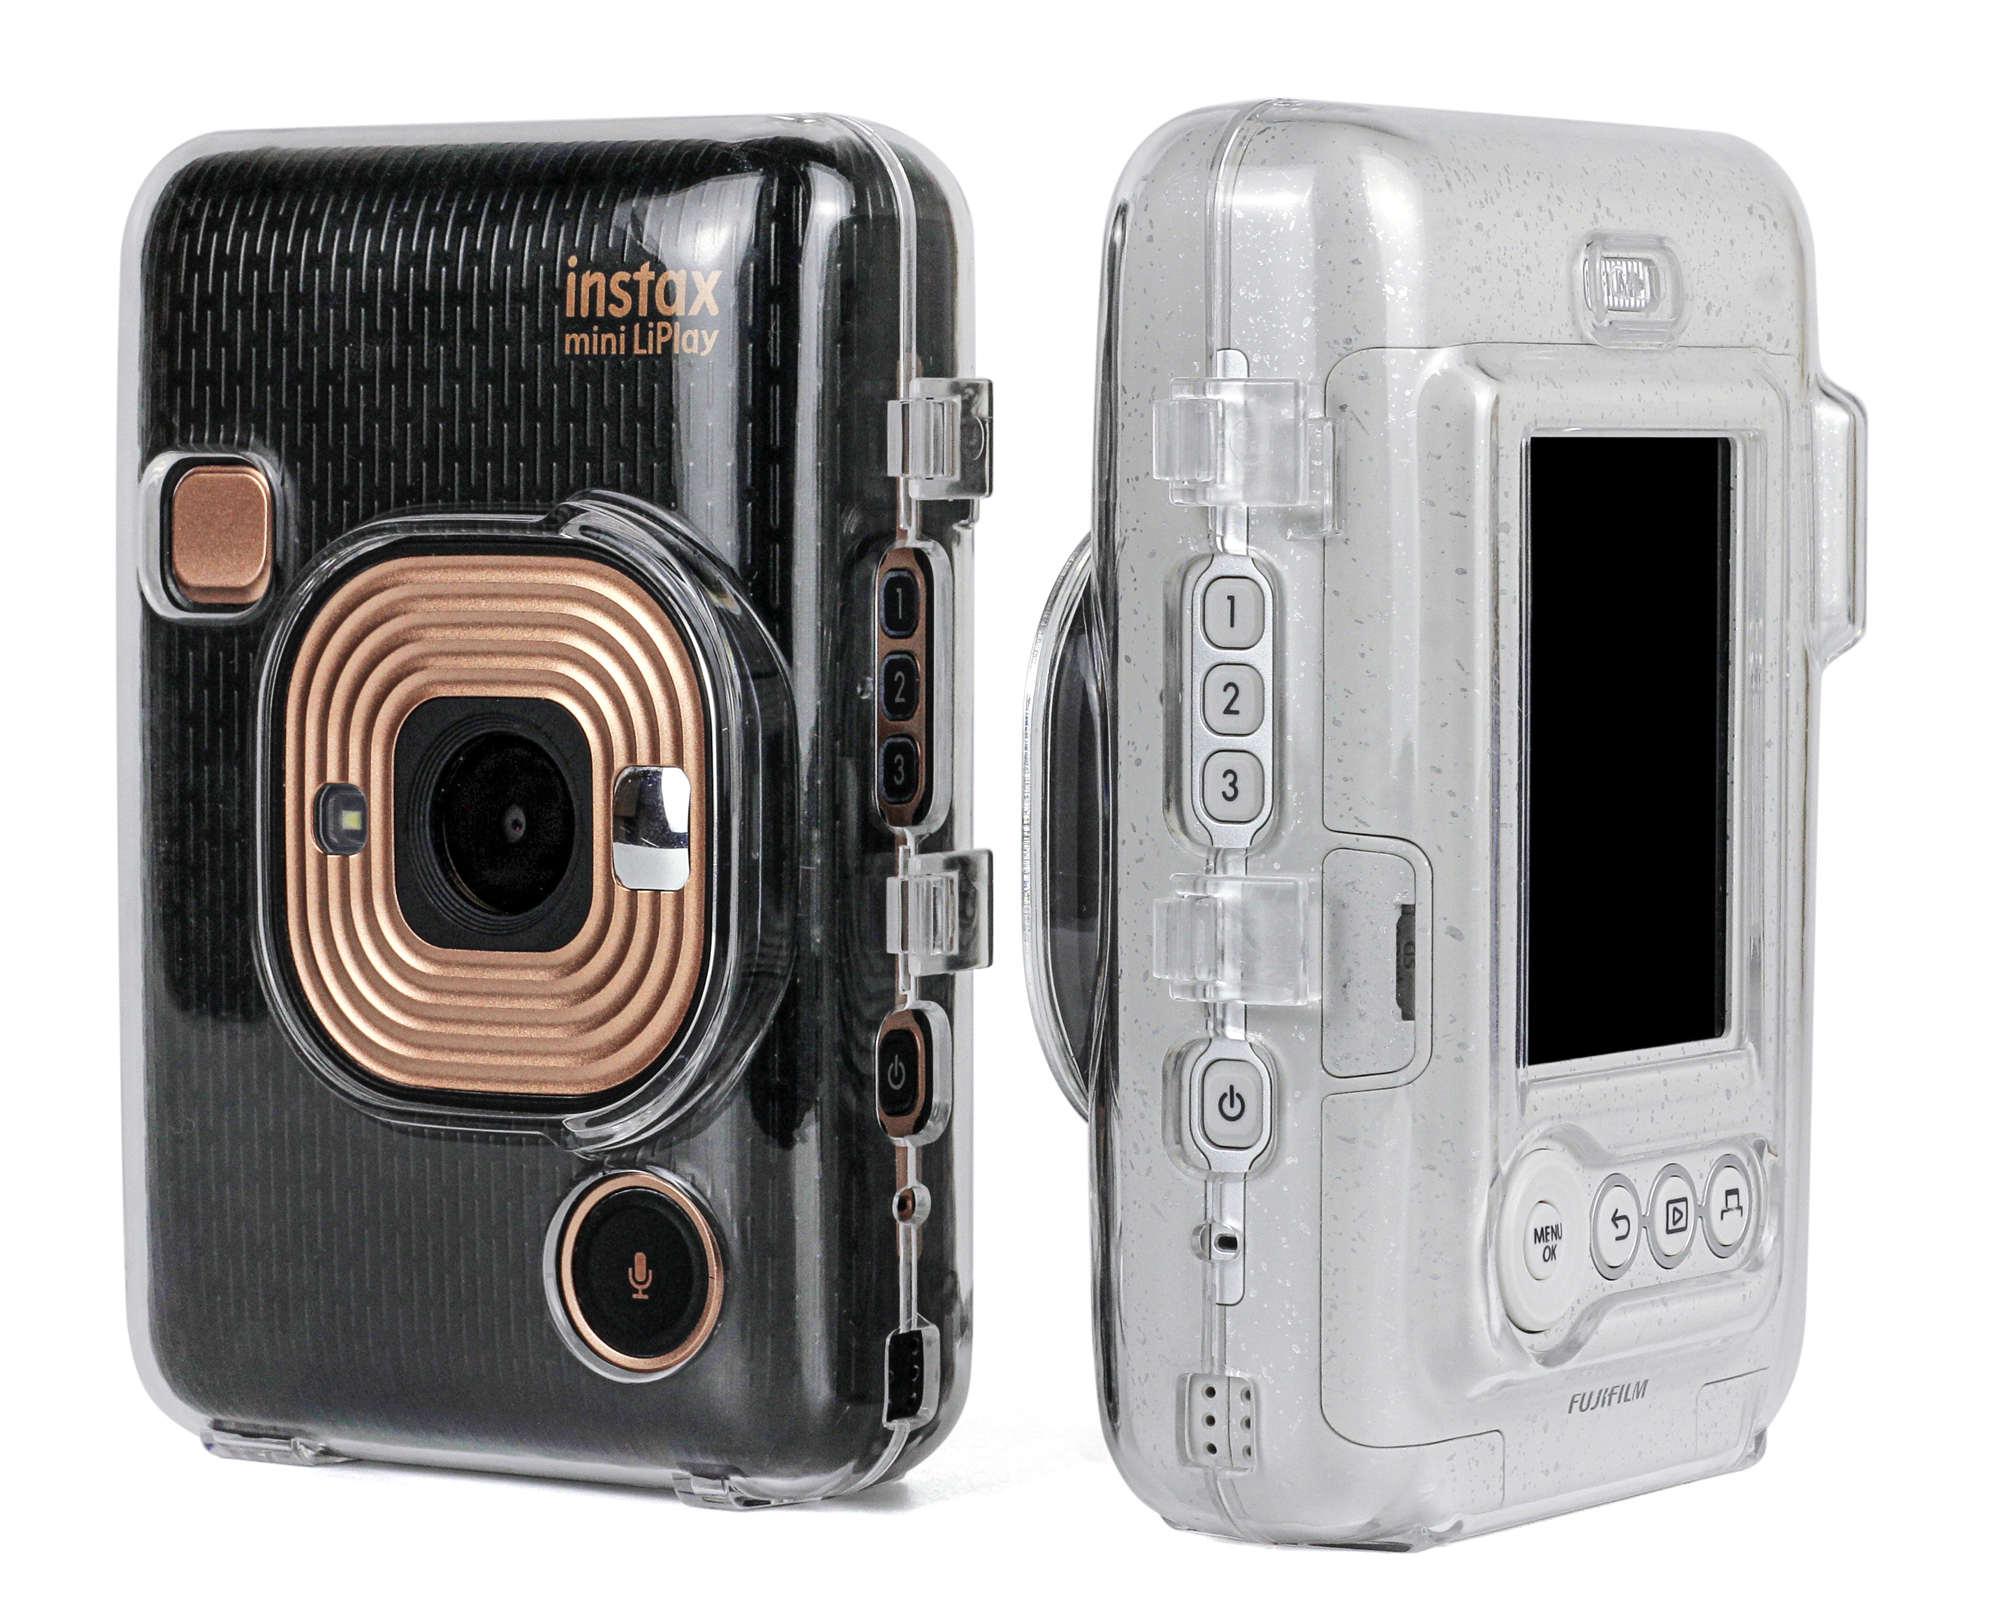 富士mini LiPlay 透明壳一次成像拍立得liplay相机皮革包